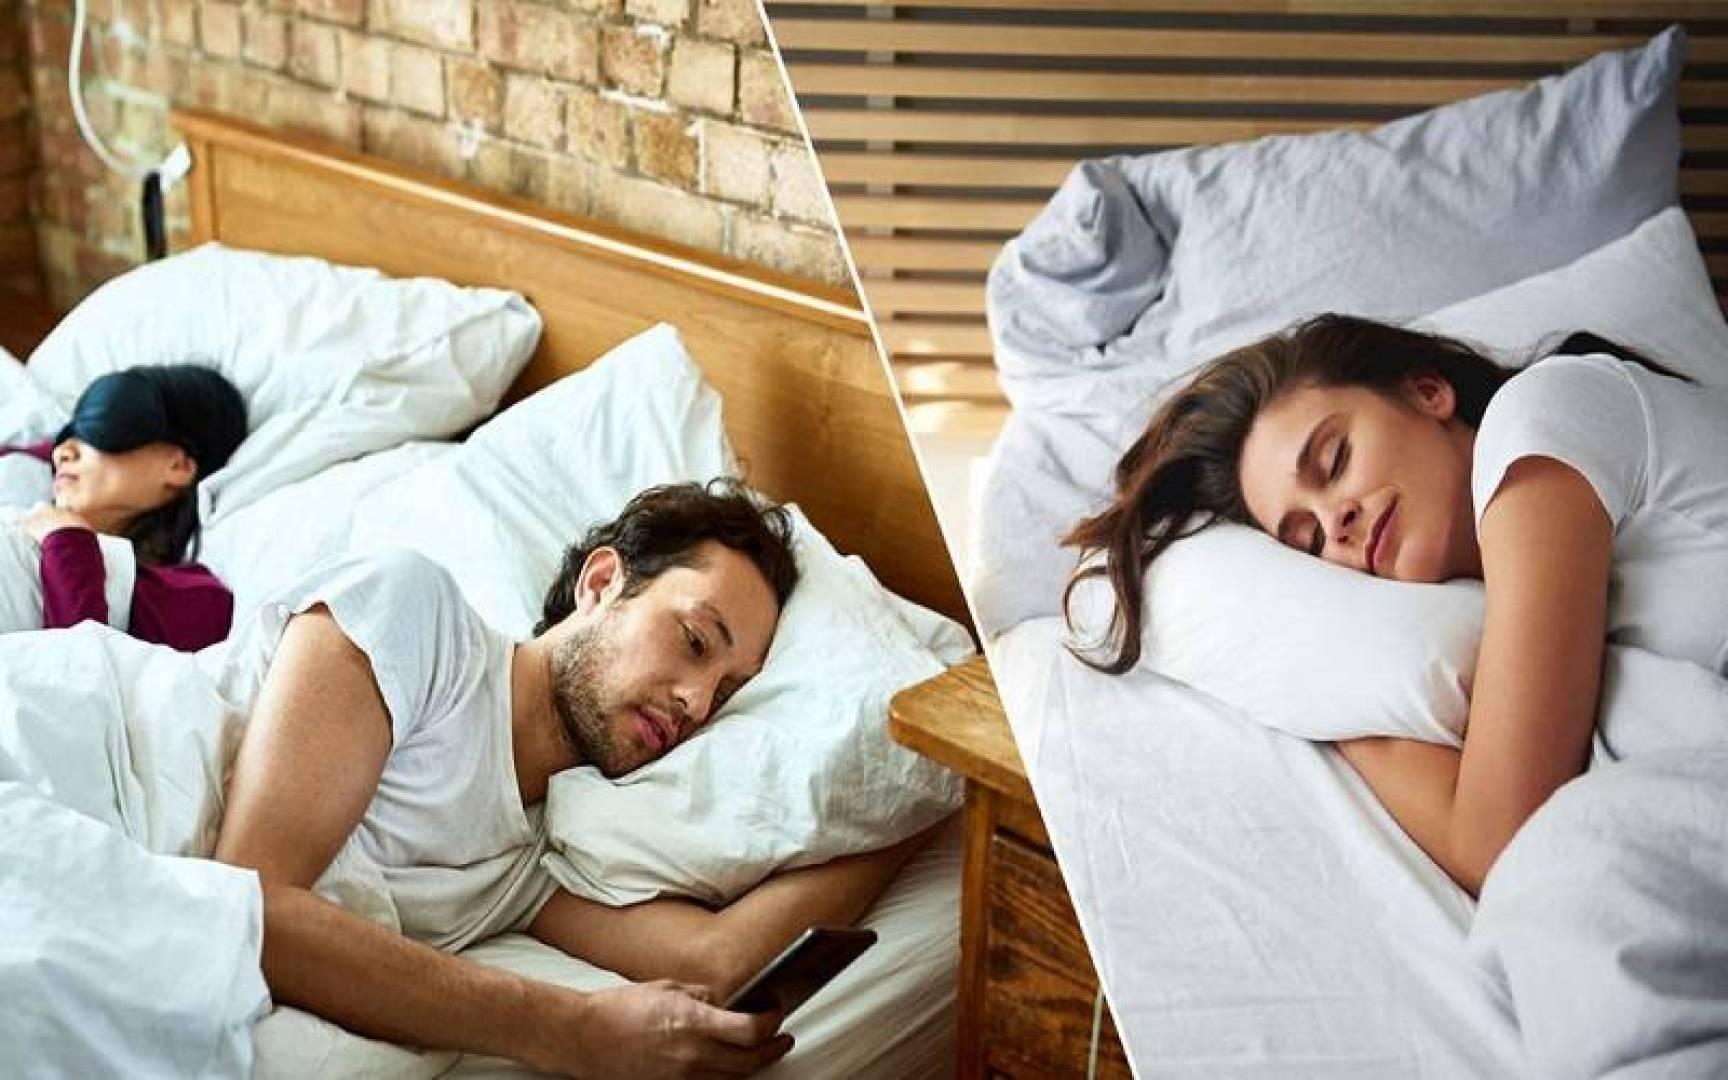 نوم القيلولة يقلل من خطر الإصابة بالنوبات القلبية